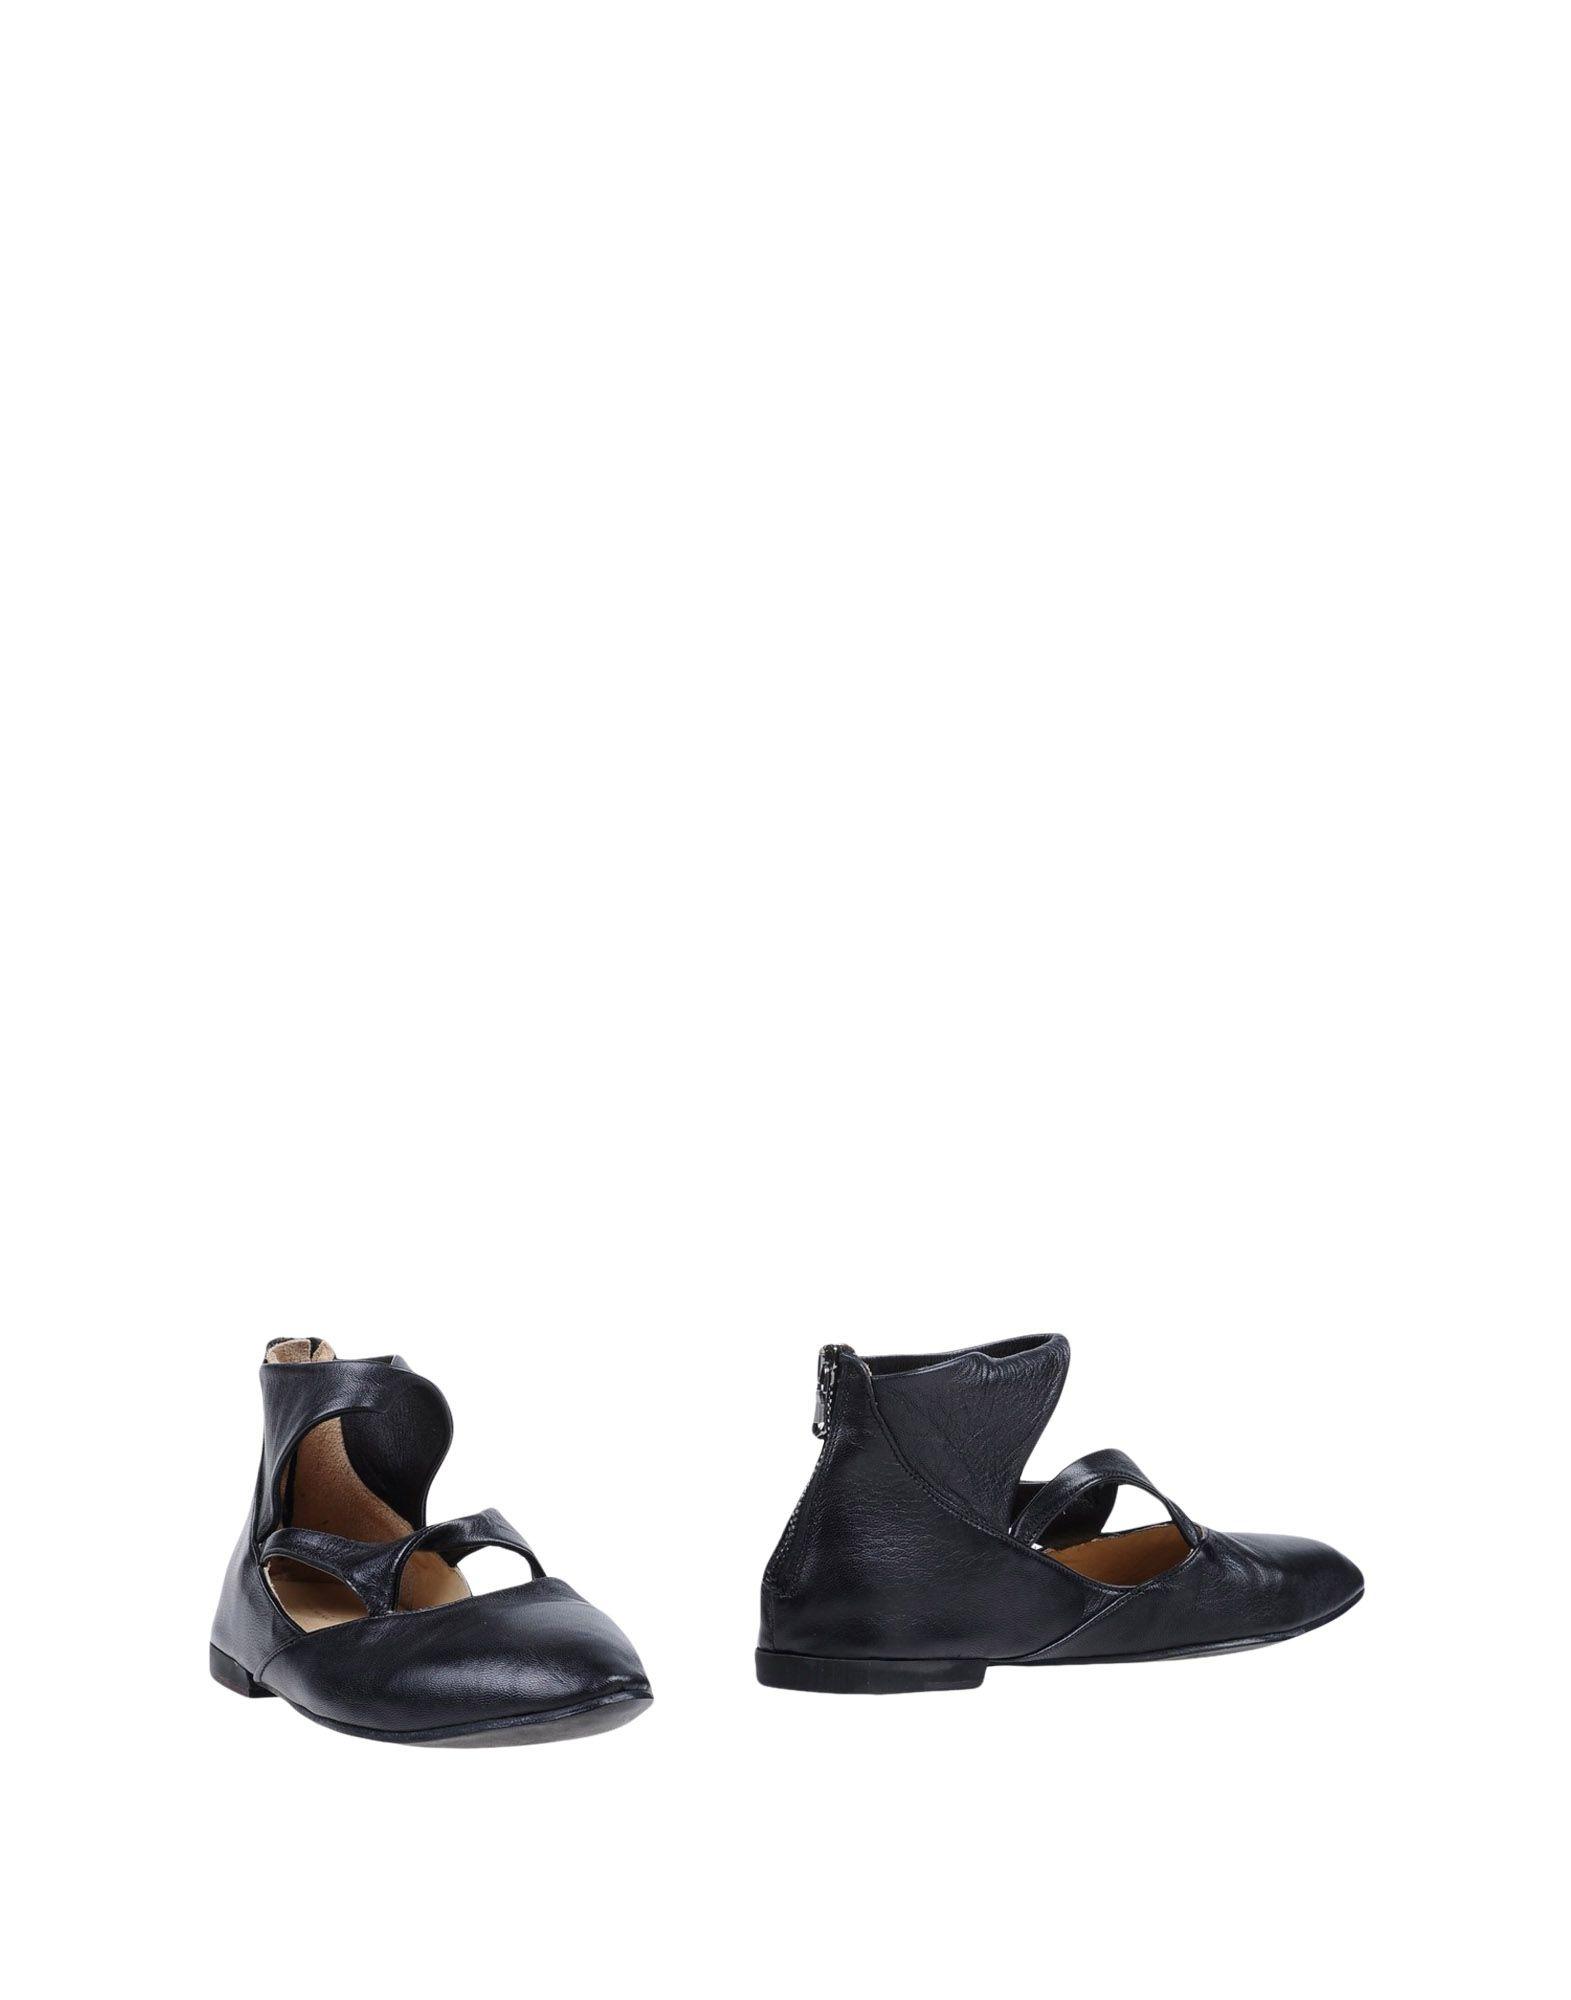 KUDETÀ Ботинки ботинки swims ботинки без каблука